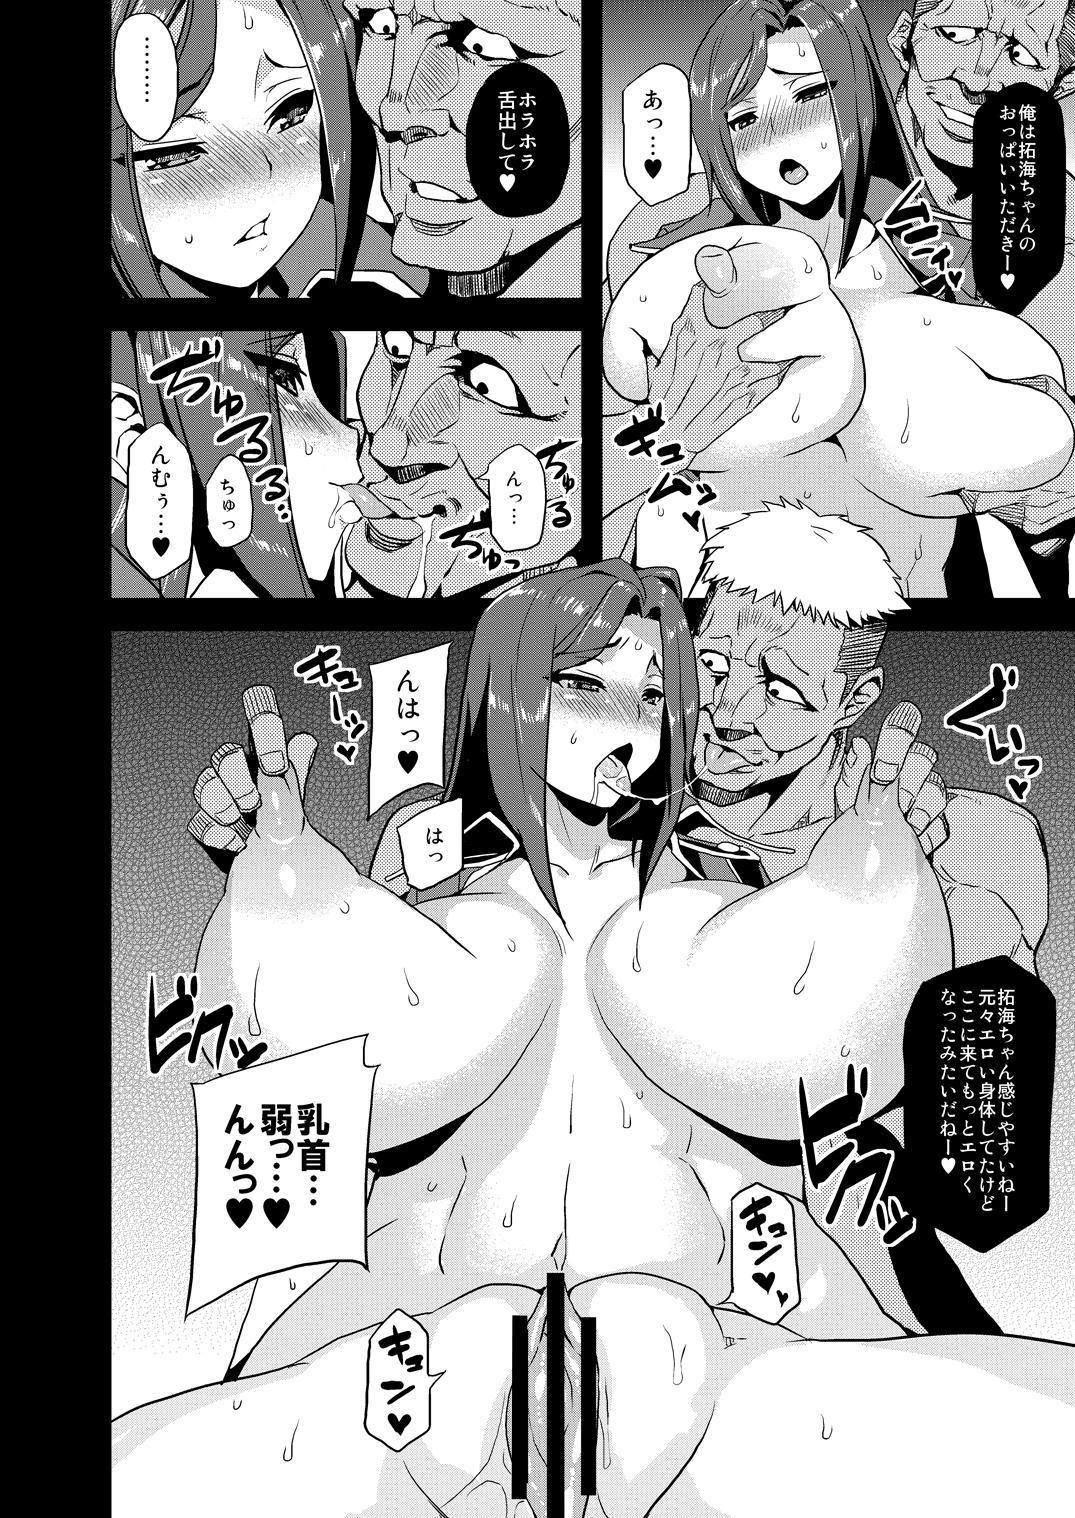 Hentai Idol Bokujou 10